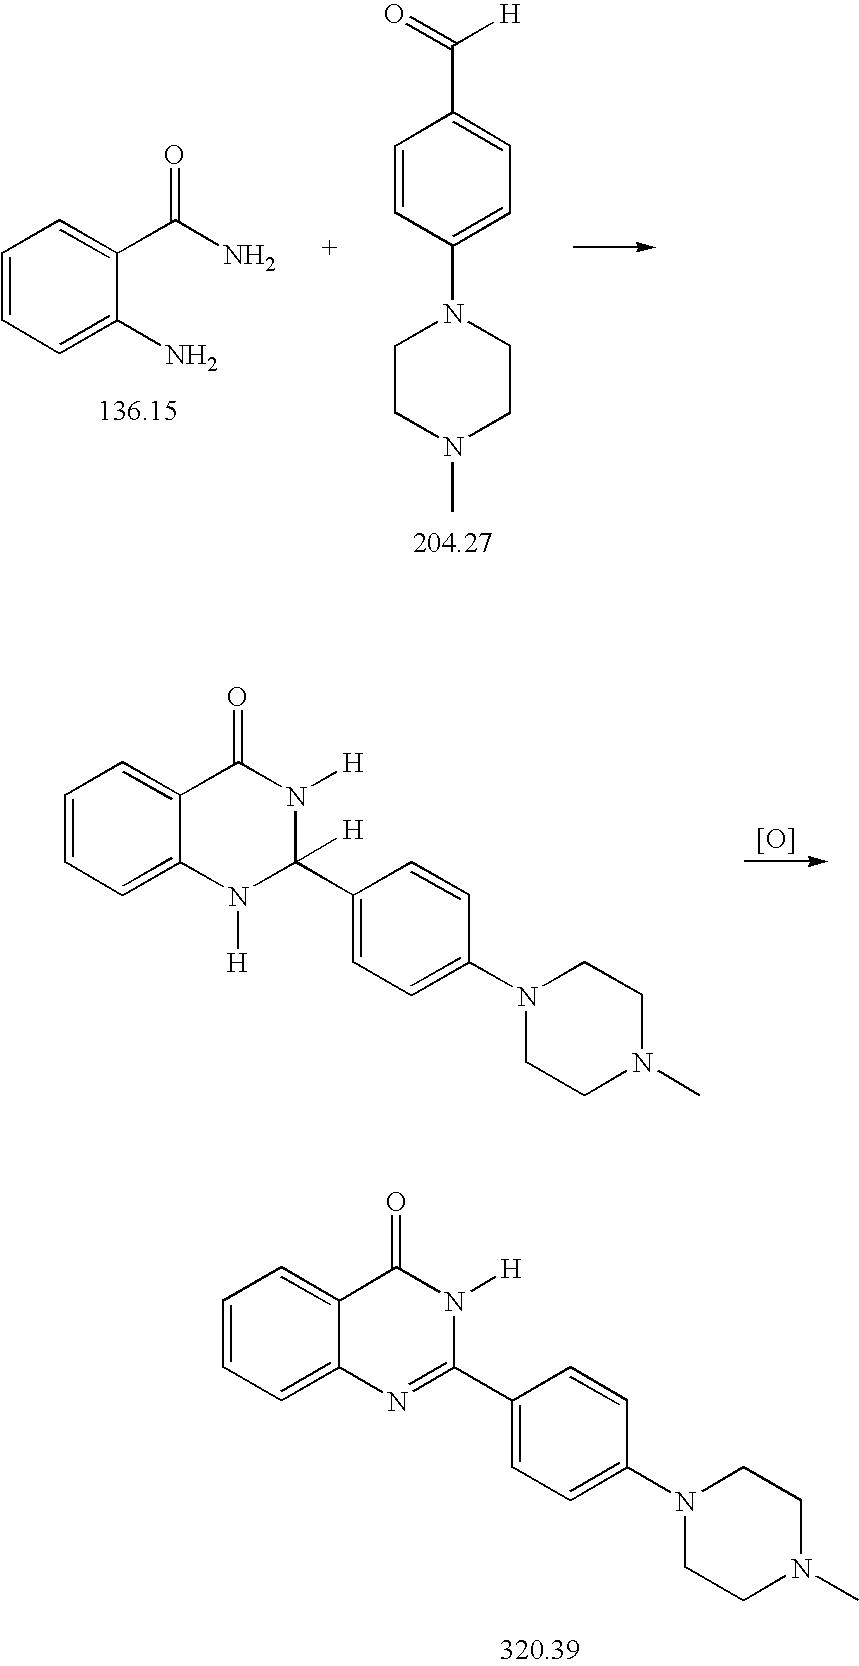 Figure US20070232622A1-20071004-C00315